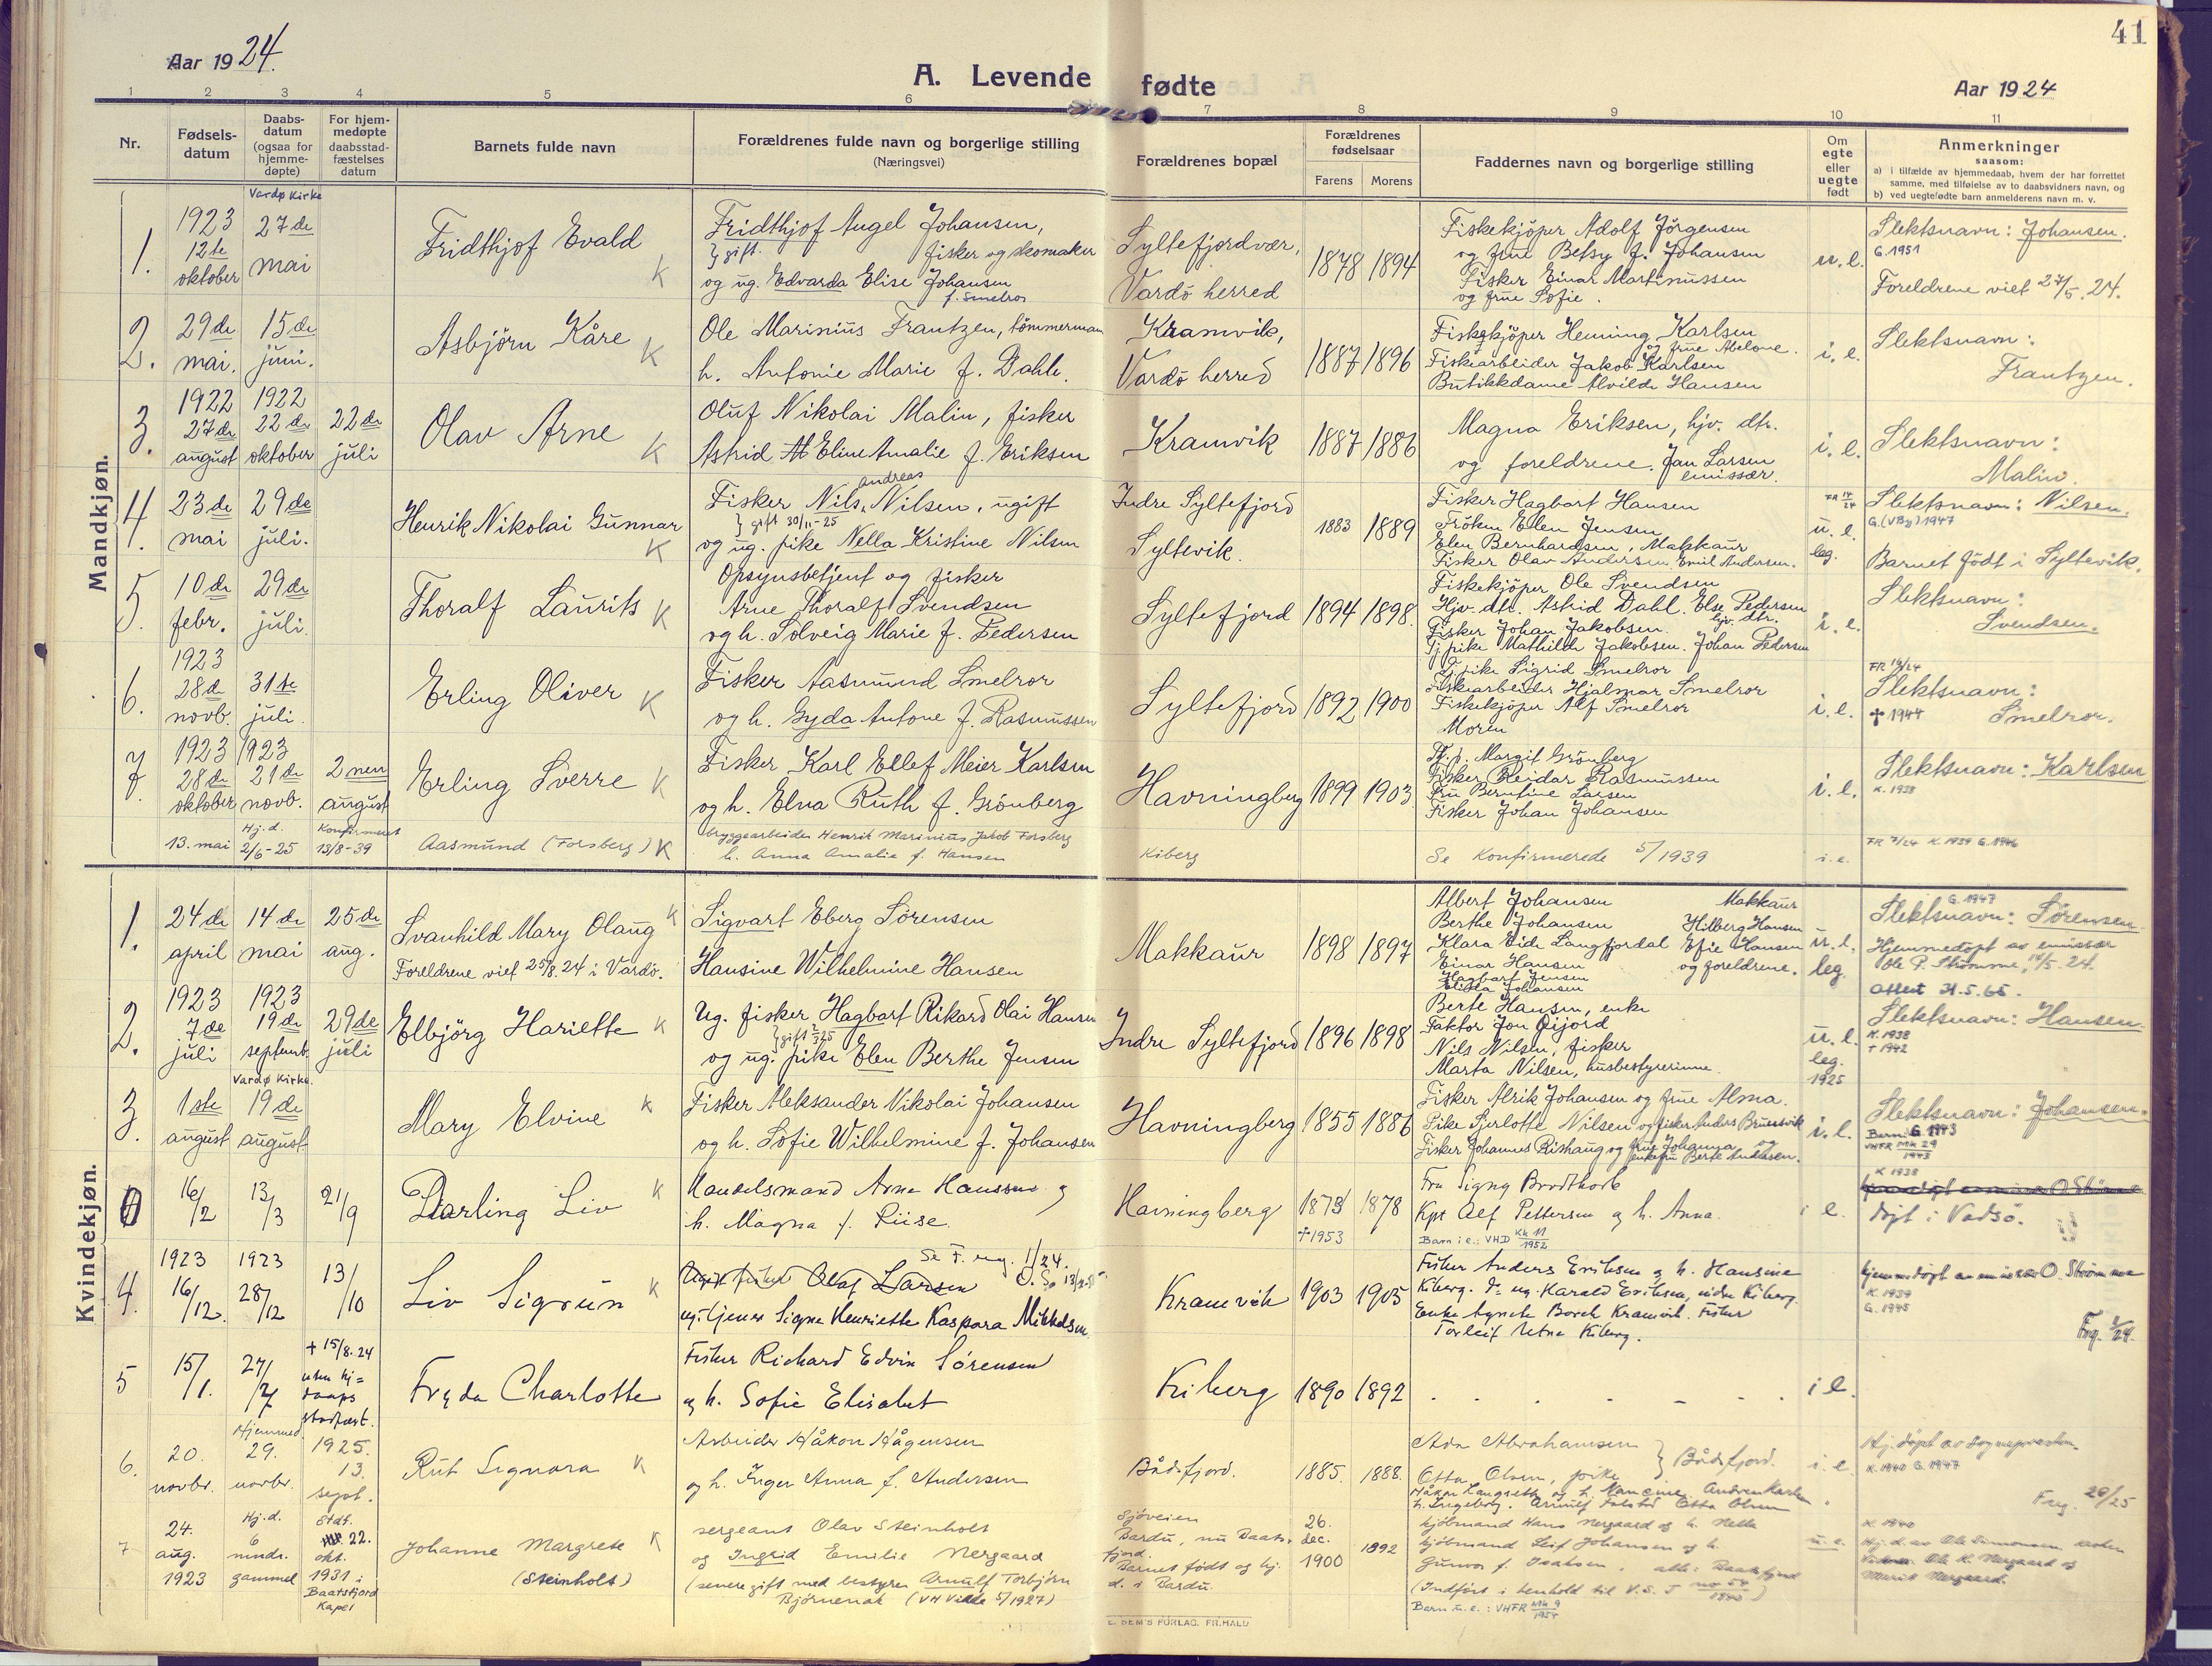 SATØ, Vardø sokneprestkontor, H/Ha/L0013kirke: Ministerialbok nr. 13, 1912-1928, s. 41